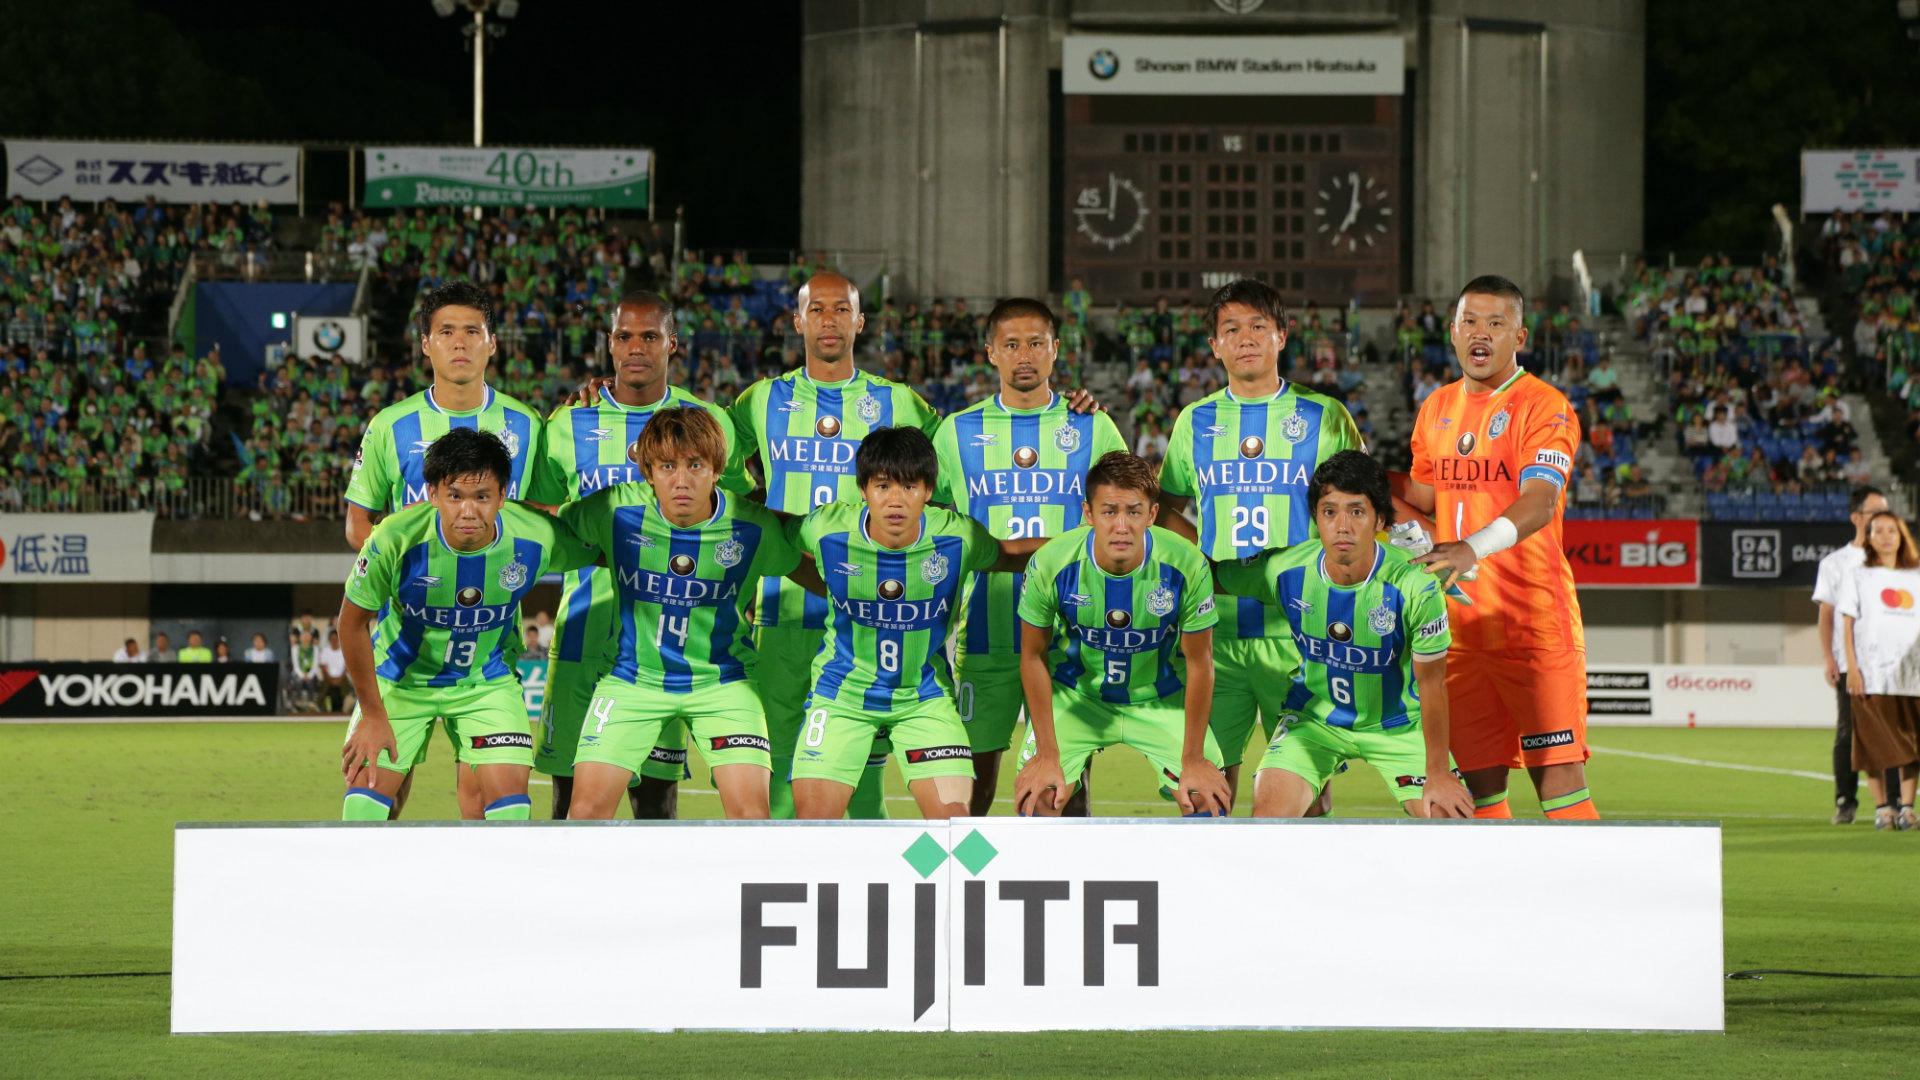 20171012-shonan-fujuta-3